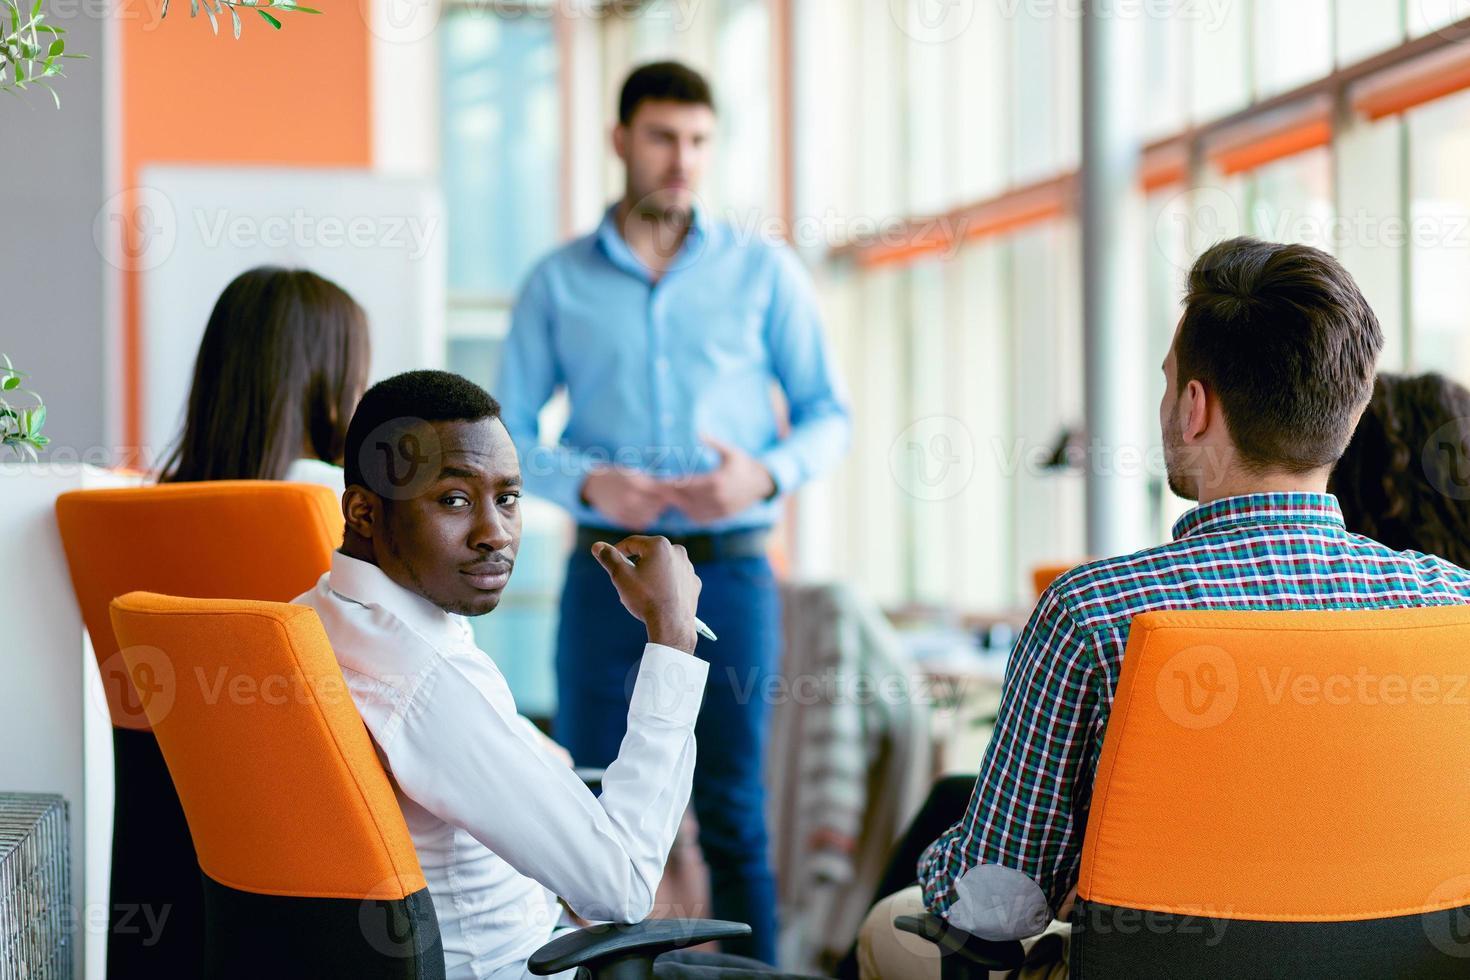 affär, start, presentation, strategi och människor koncept - man gör presentation till det kreativa teamet på kontoret foto